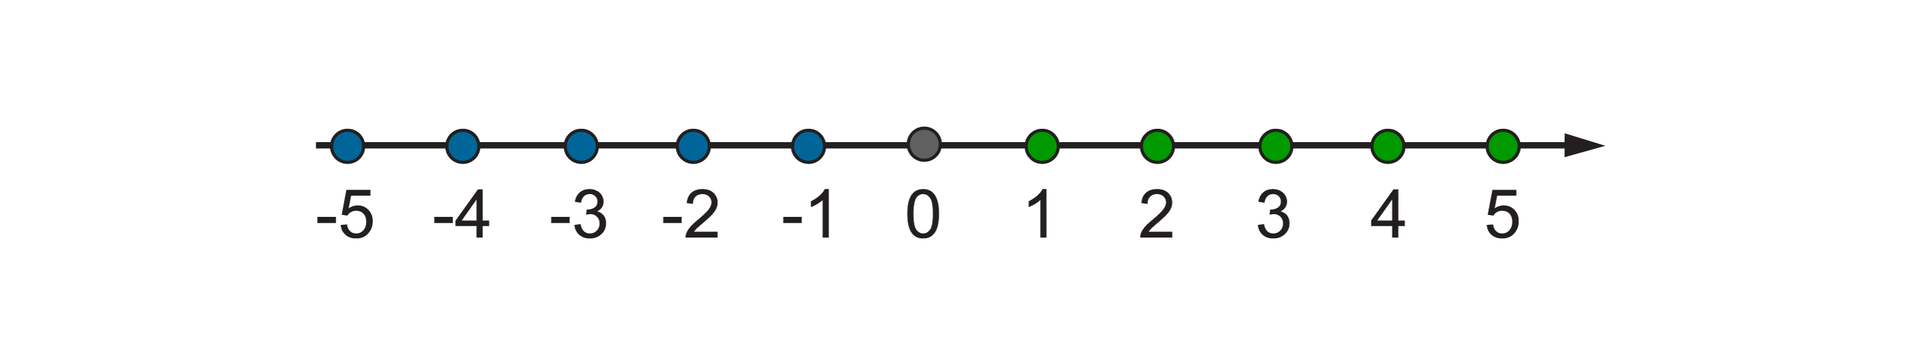 Rysunek osi liczbowej zzaznaczonymi liczbami całkowitymi: -5, -4, -3, -2, -1, 0, 1, 2, 3, 4, 5.